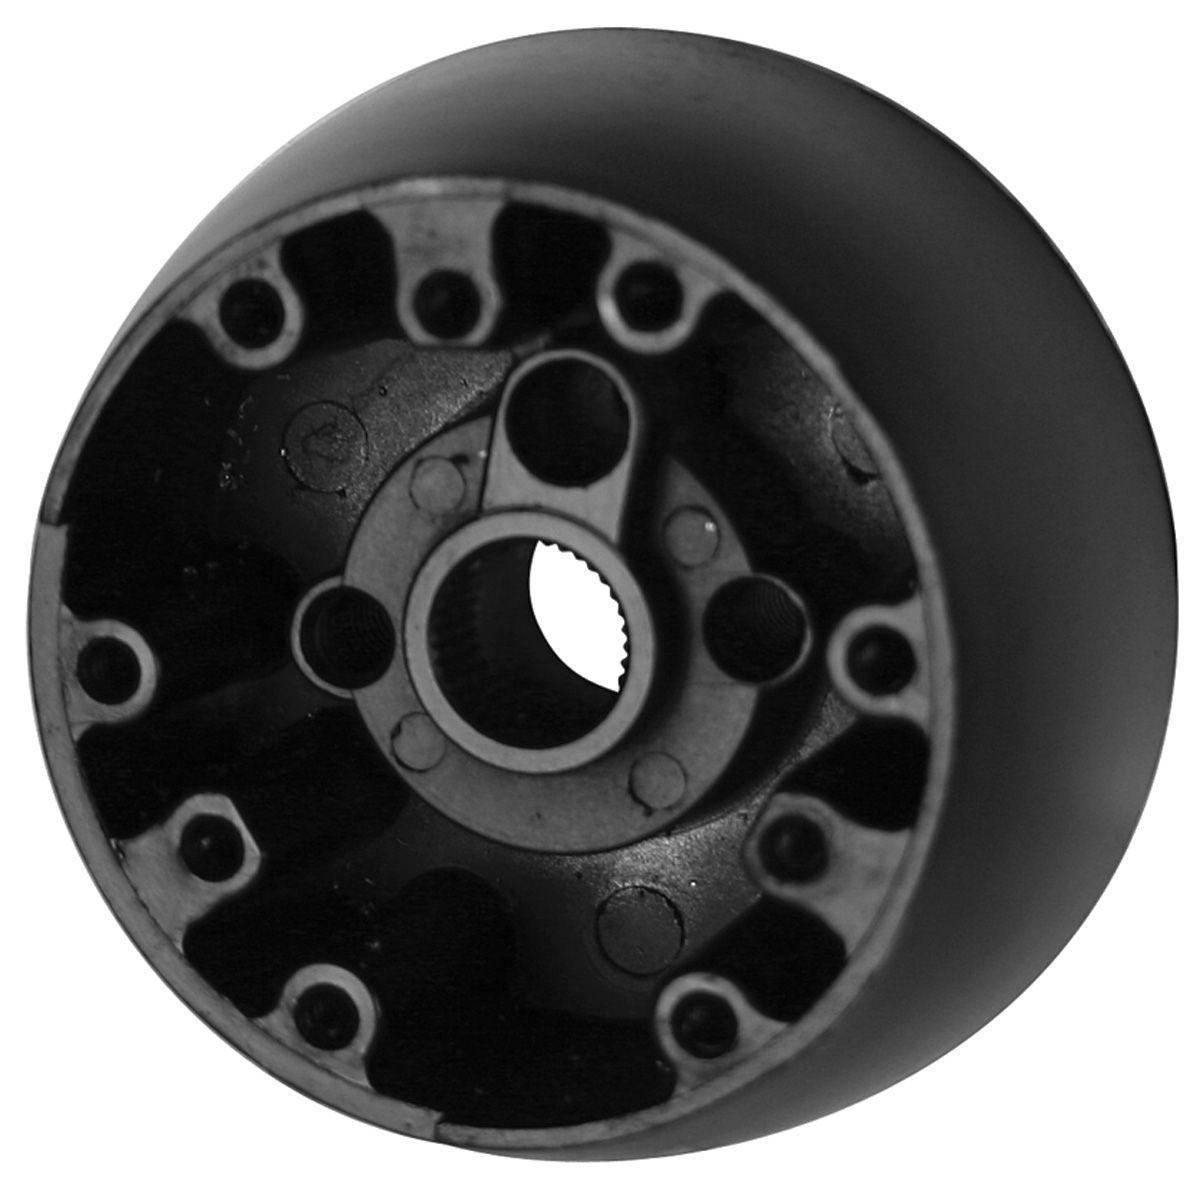 Photo of Steering Wheel Hub 2-spoke wood wheel